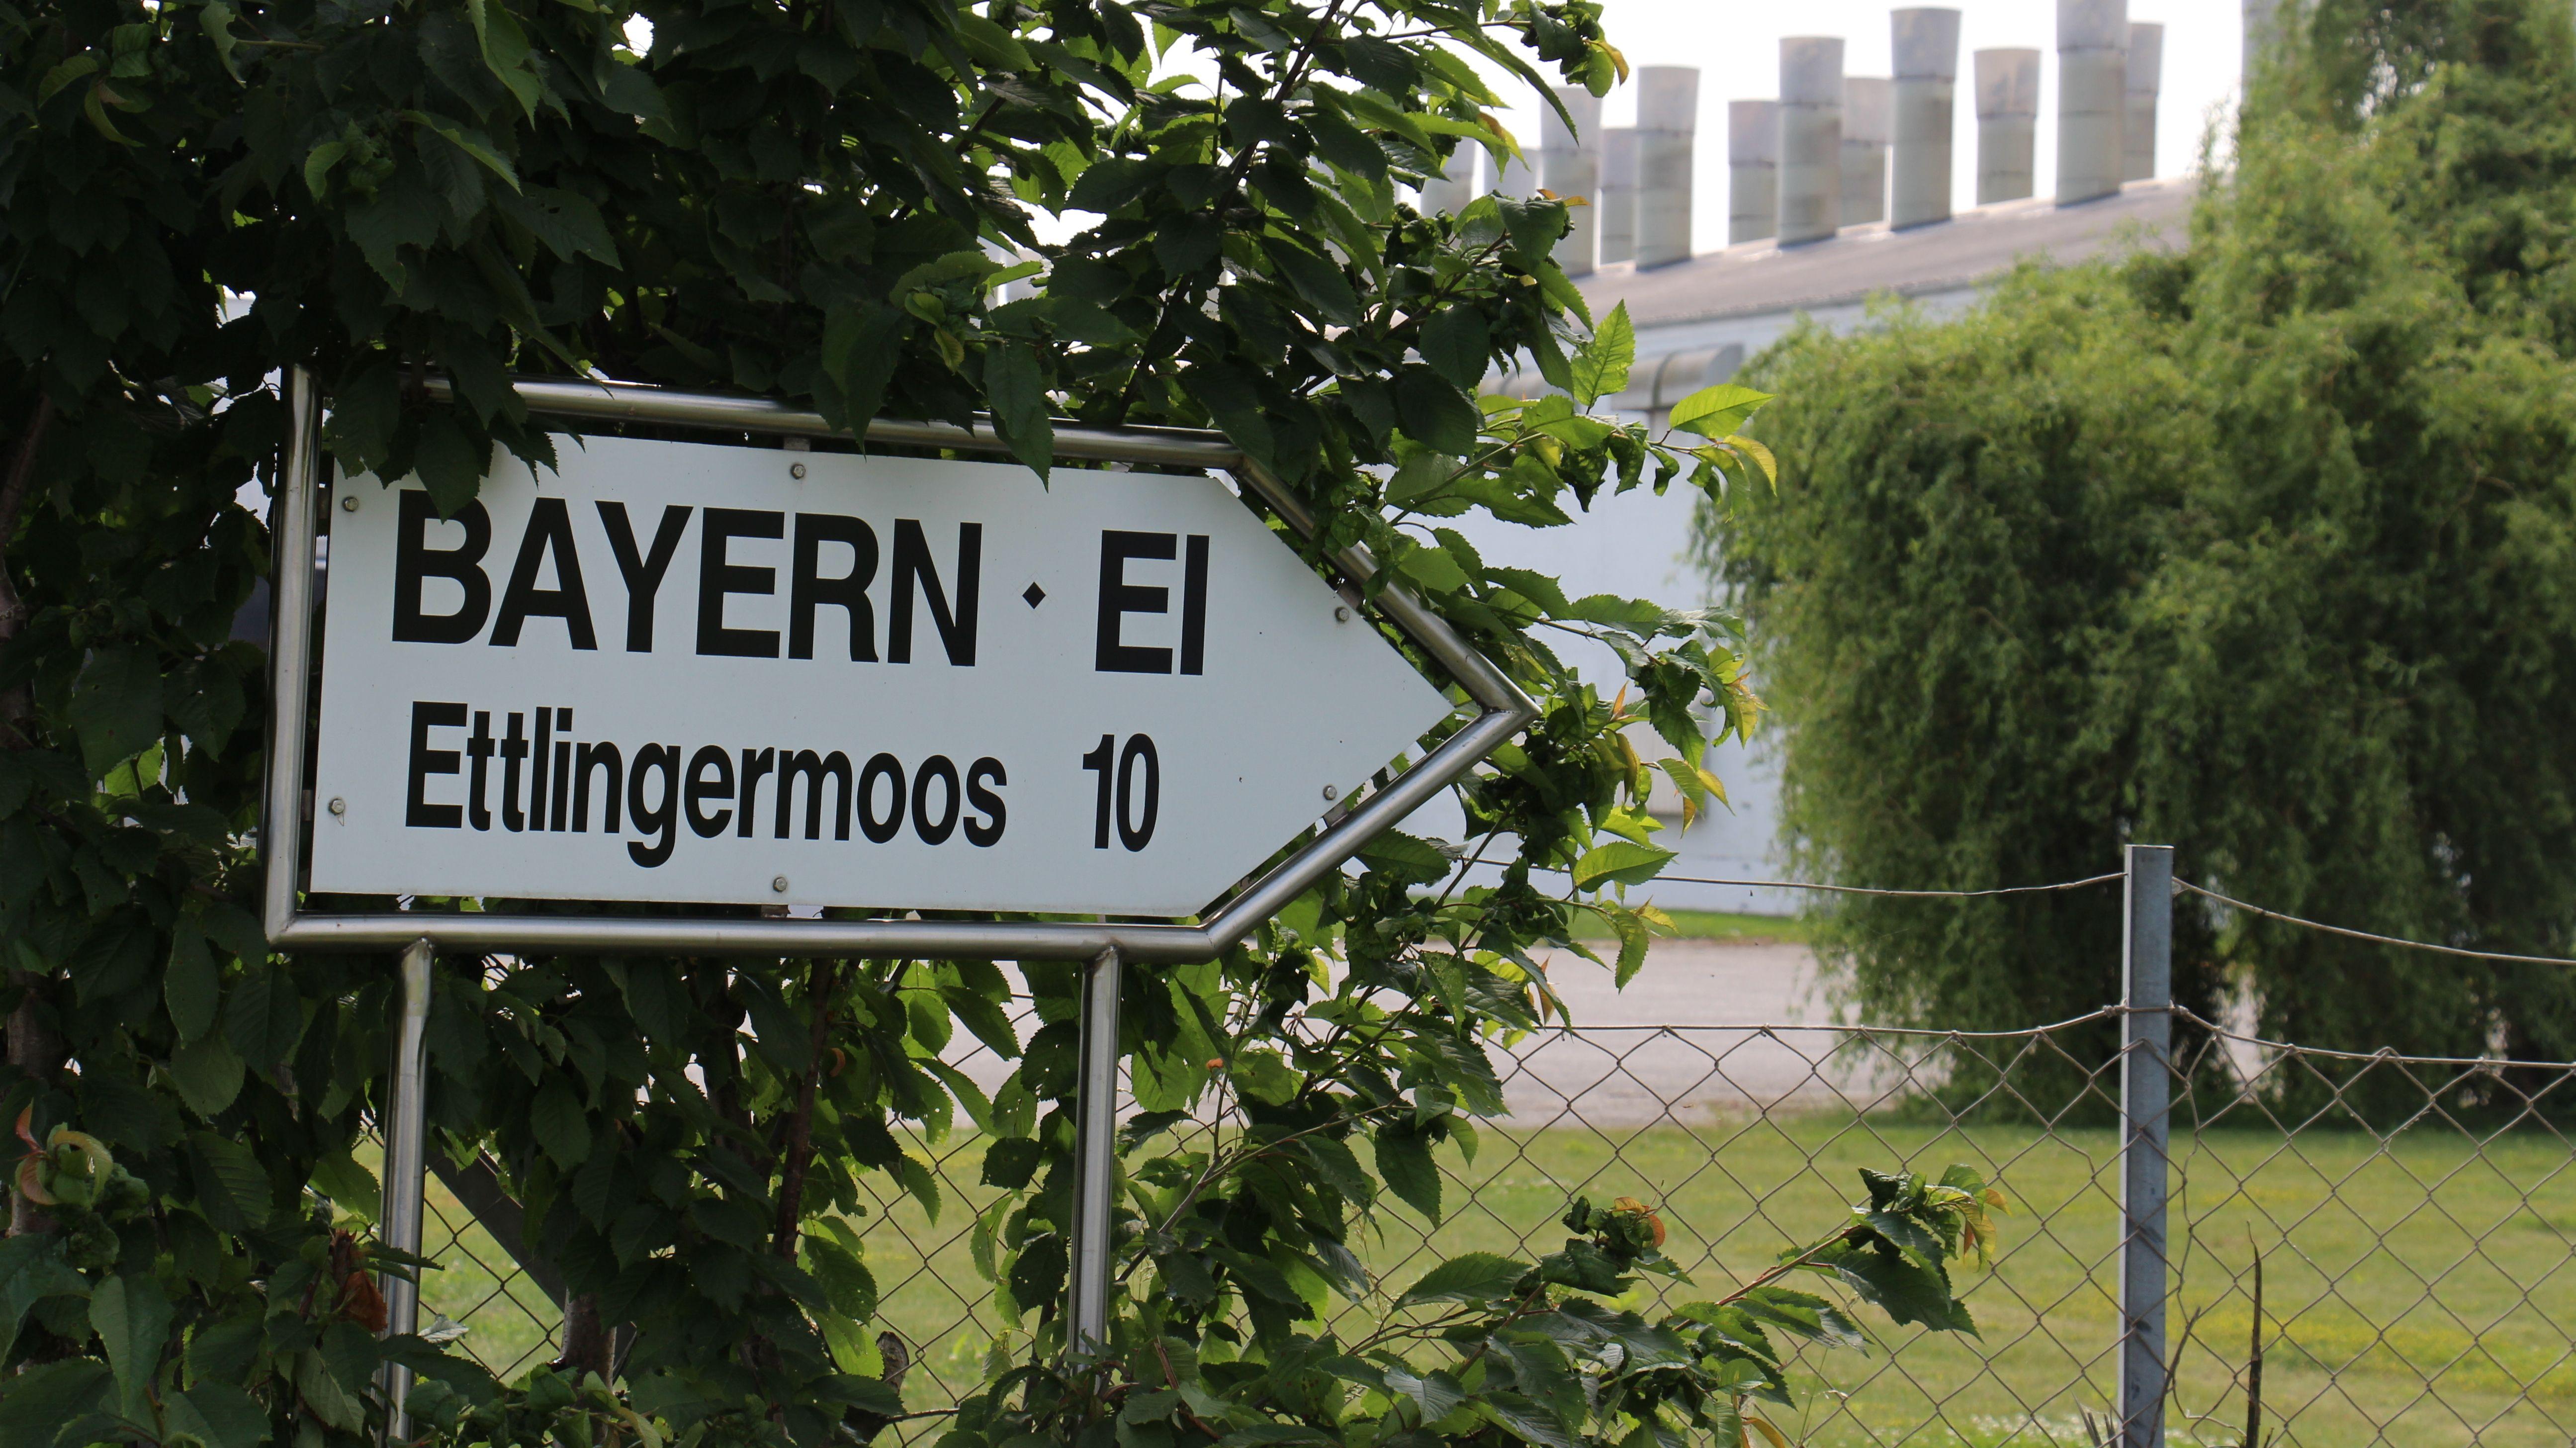 Bayern-Ei-Geflügelzuchtbetrieb Ettlingermoos